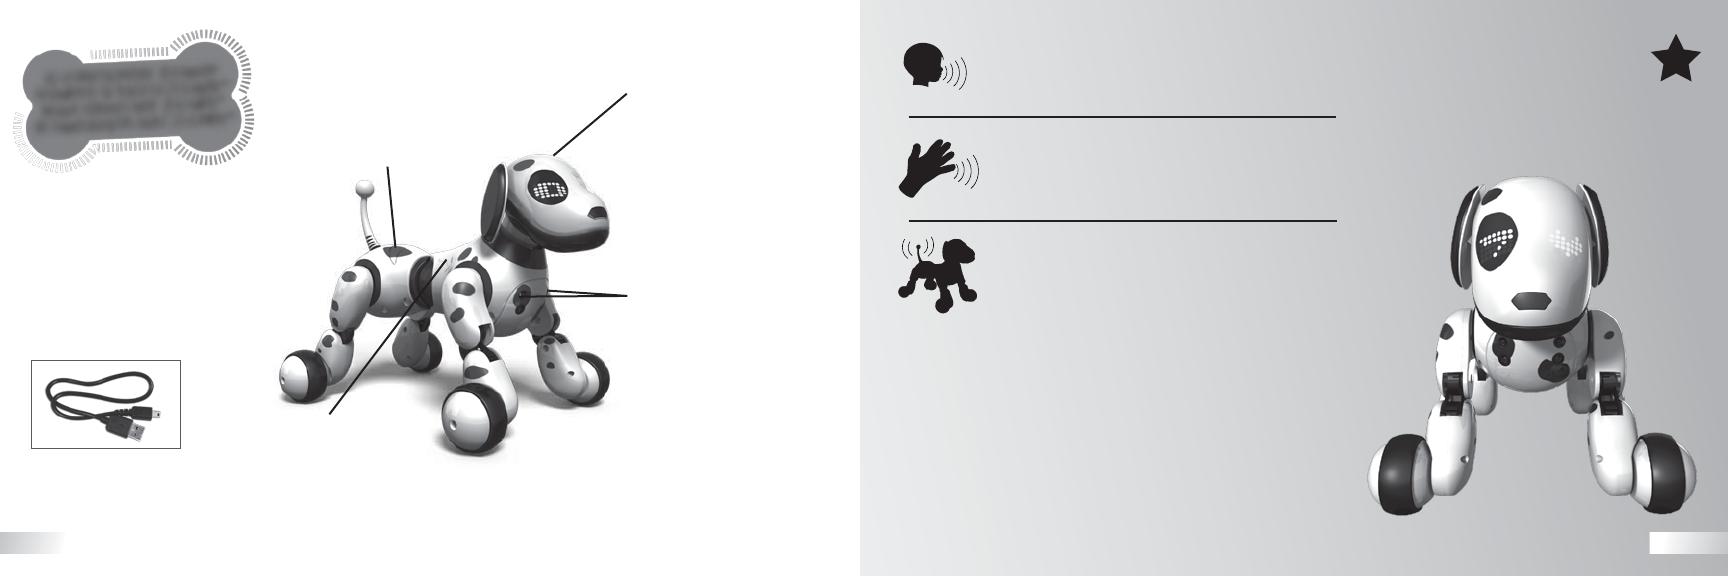 ZOOMER Spielzeughund interaktiv, lernt 27 Kommandos ab 5